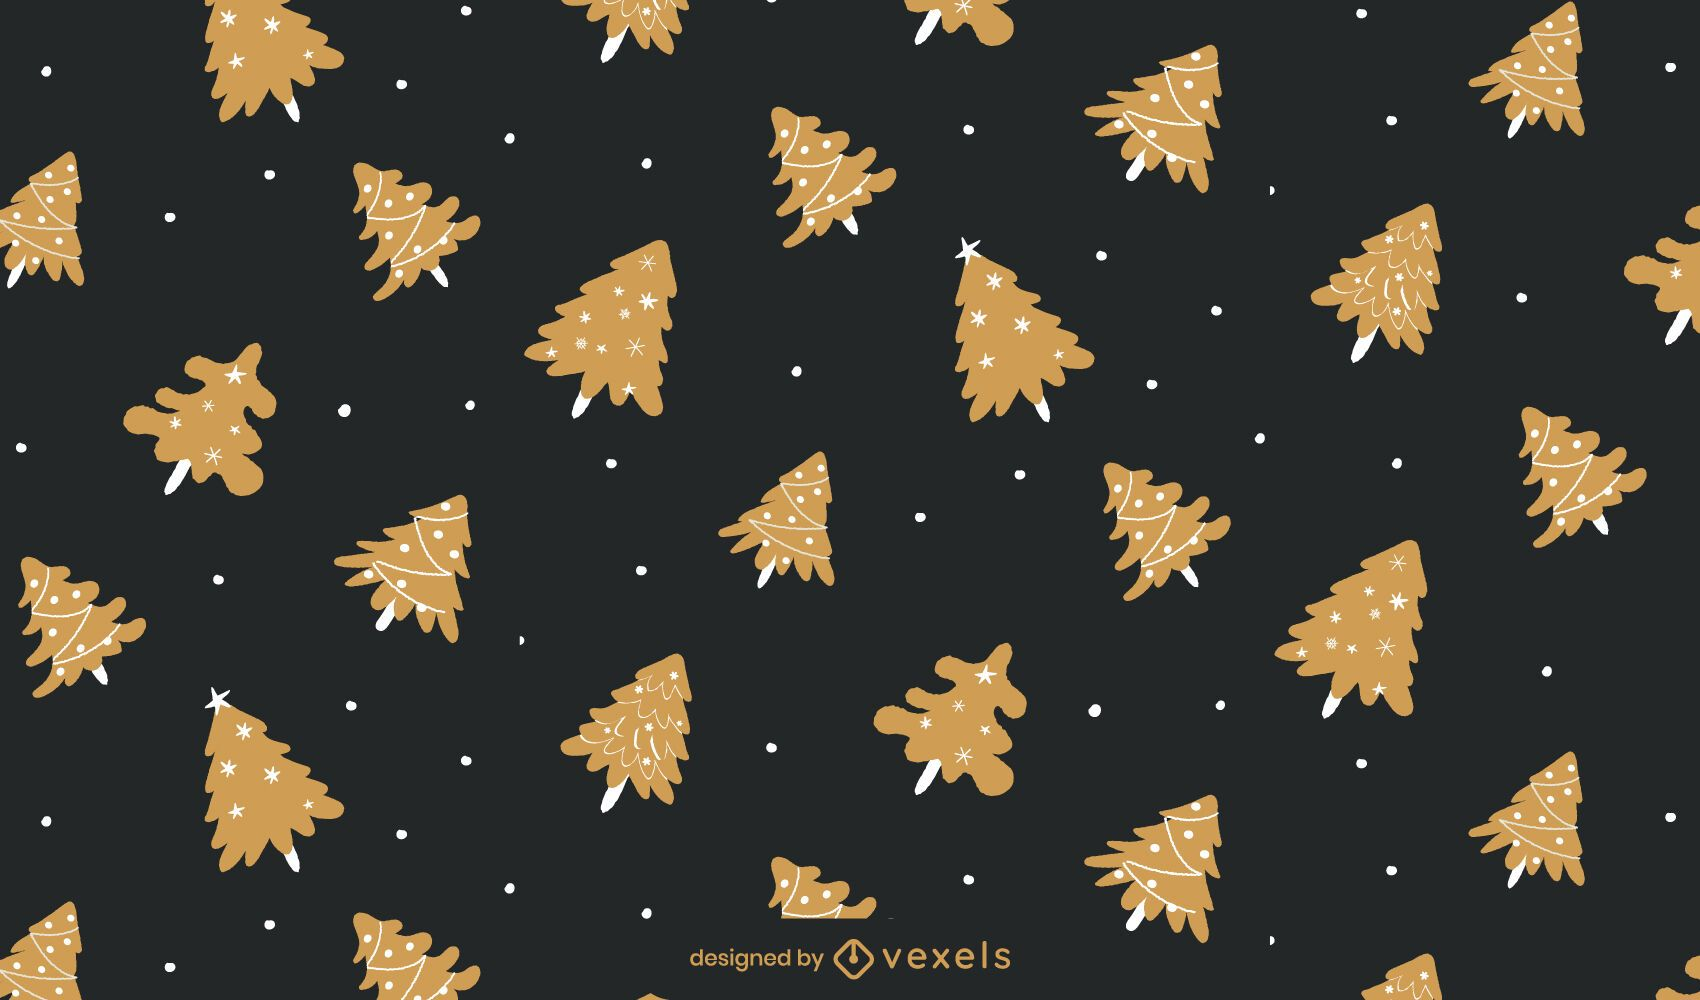 Weihnachten Golden Tree Pattern Design